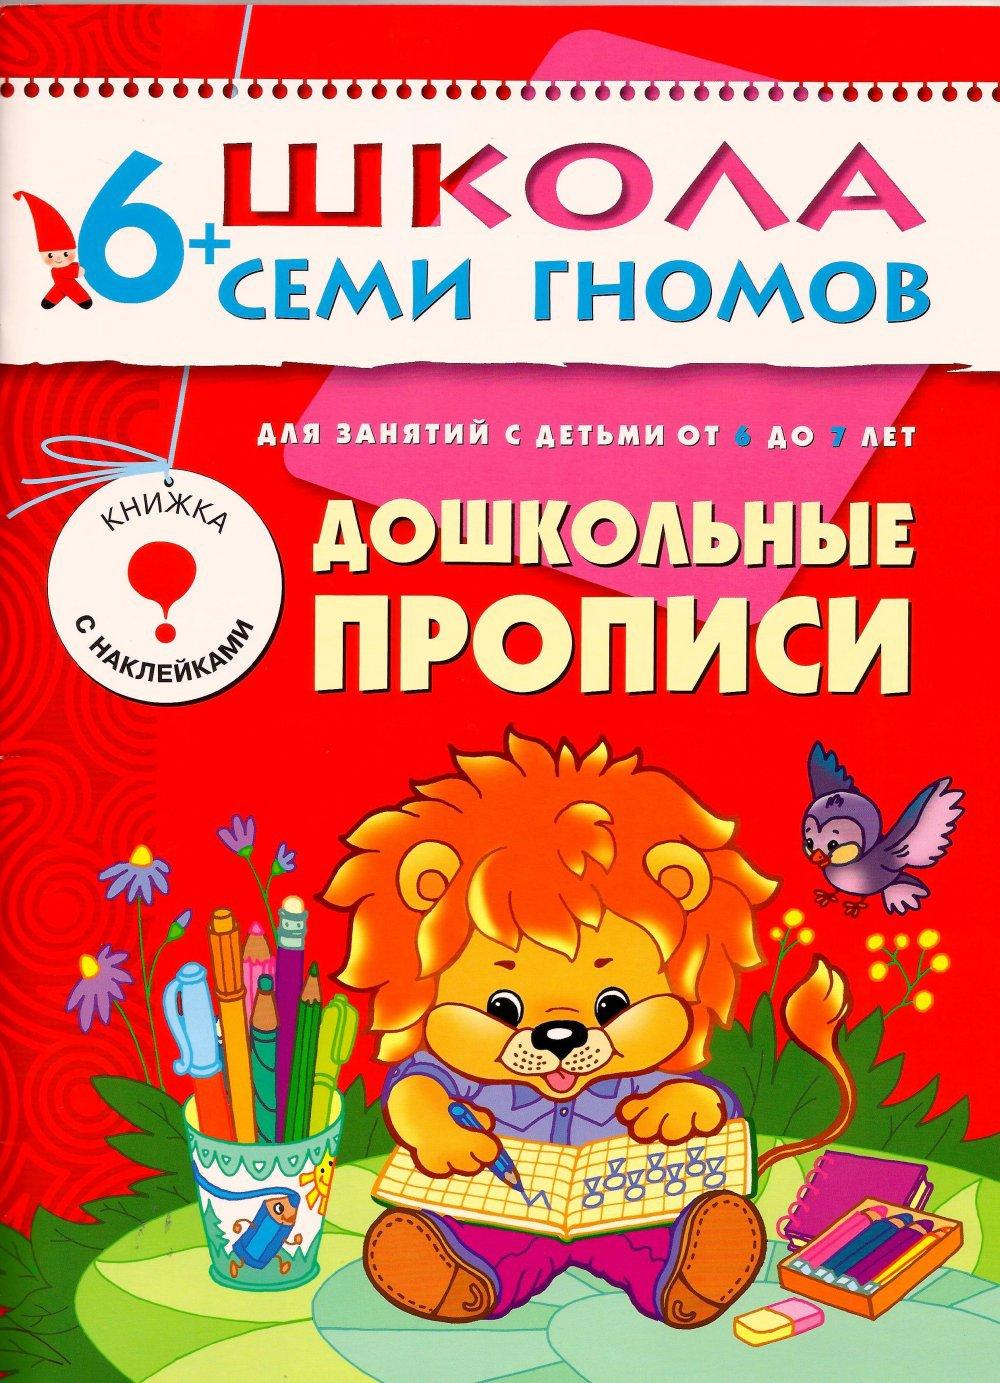 Книга из серии Школа Семи Гномов Седьмой год обучения - Дошкольные прописиПрописи<br>Книга из серии Школа Семи Гномов Седьмой год обучения - Дошкольные прописи<br>